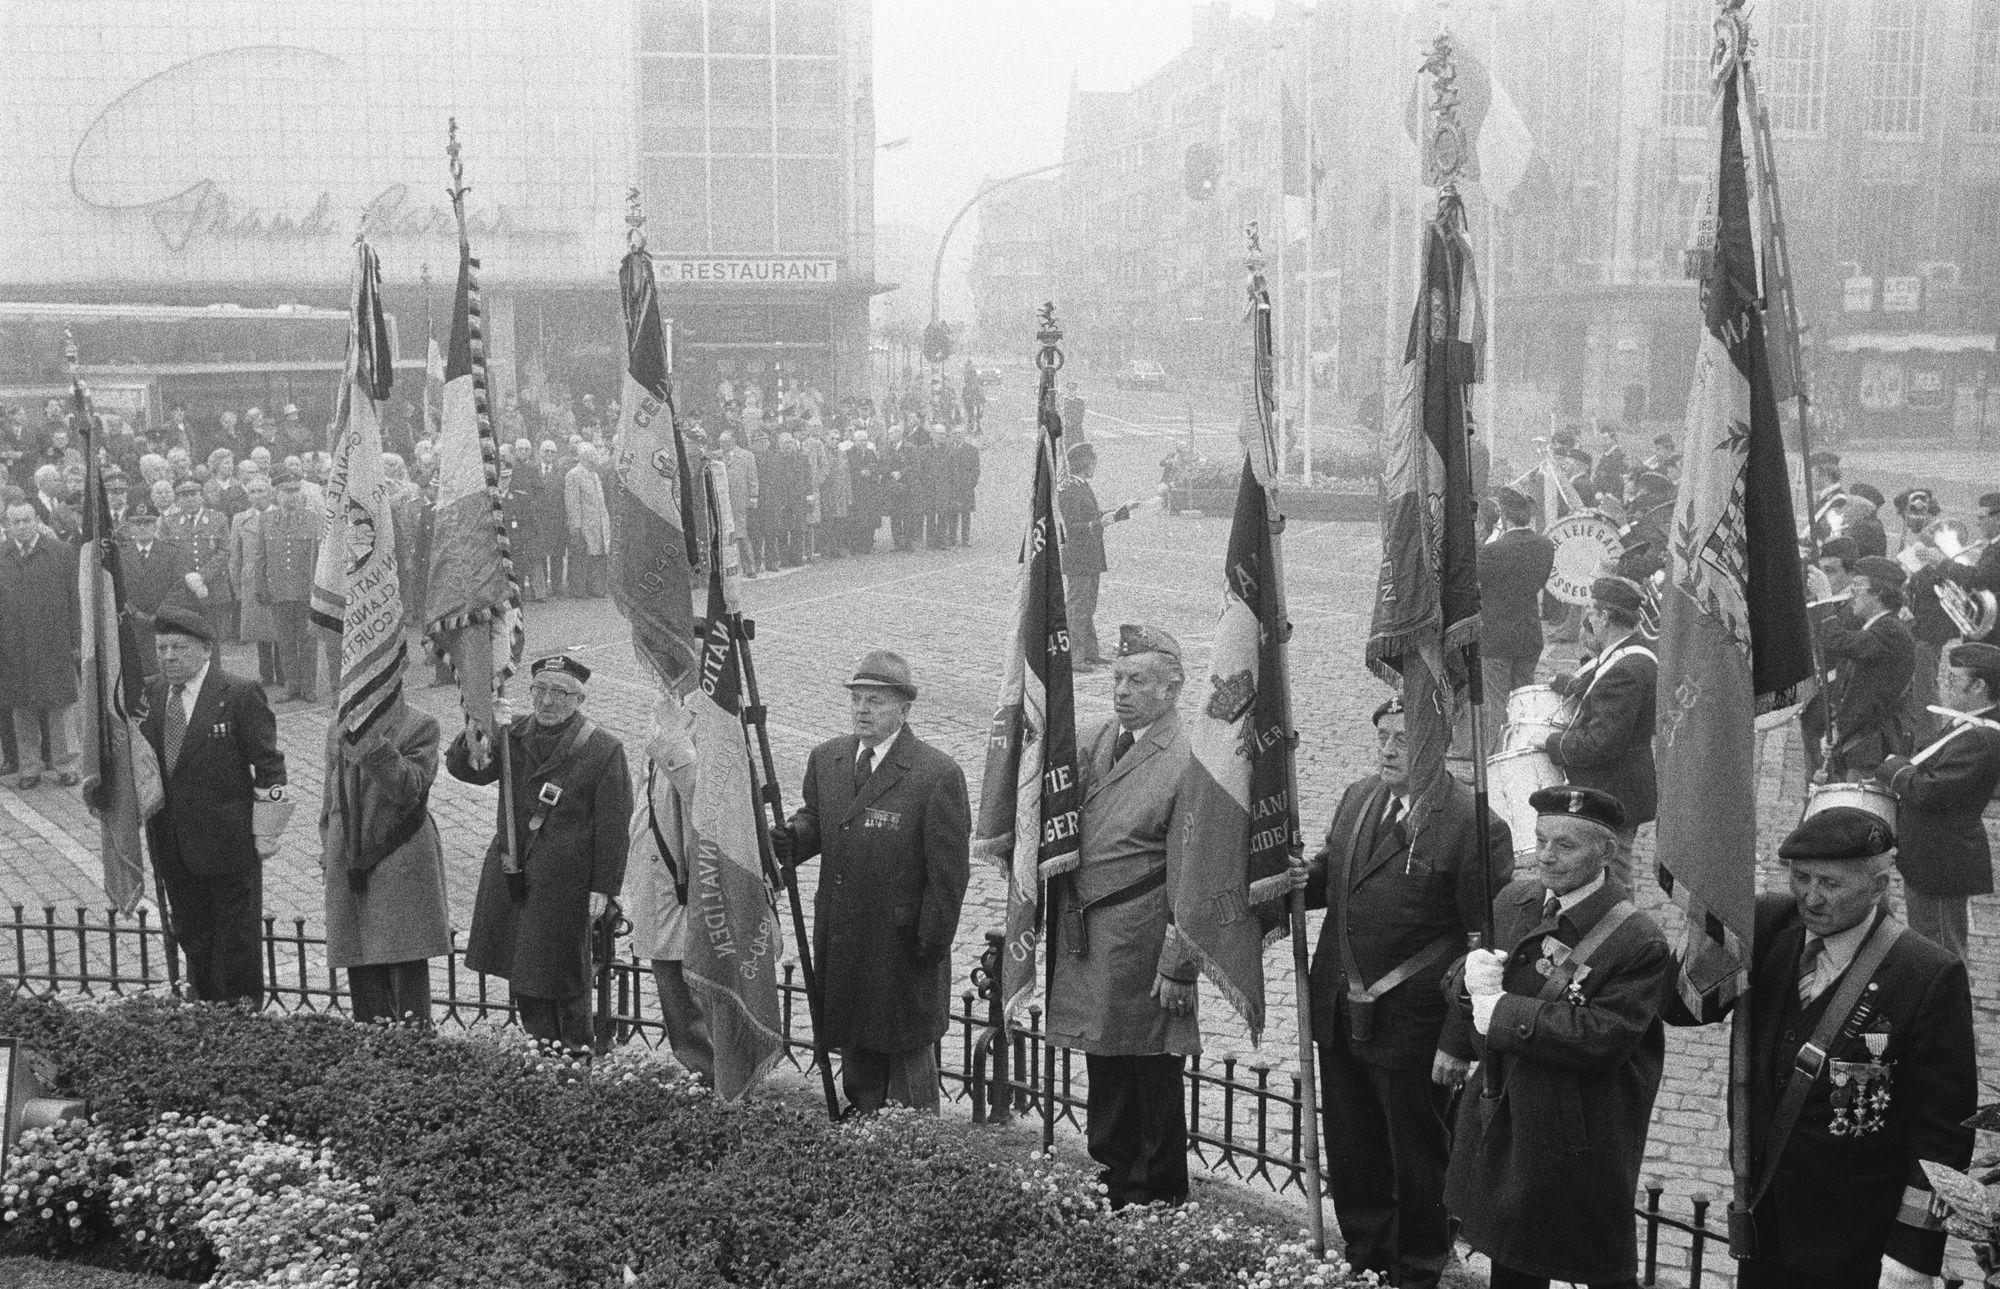 Herdenkingsplechtigheid aan het monument voor de Eerste Wereldoorlog